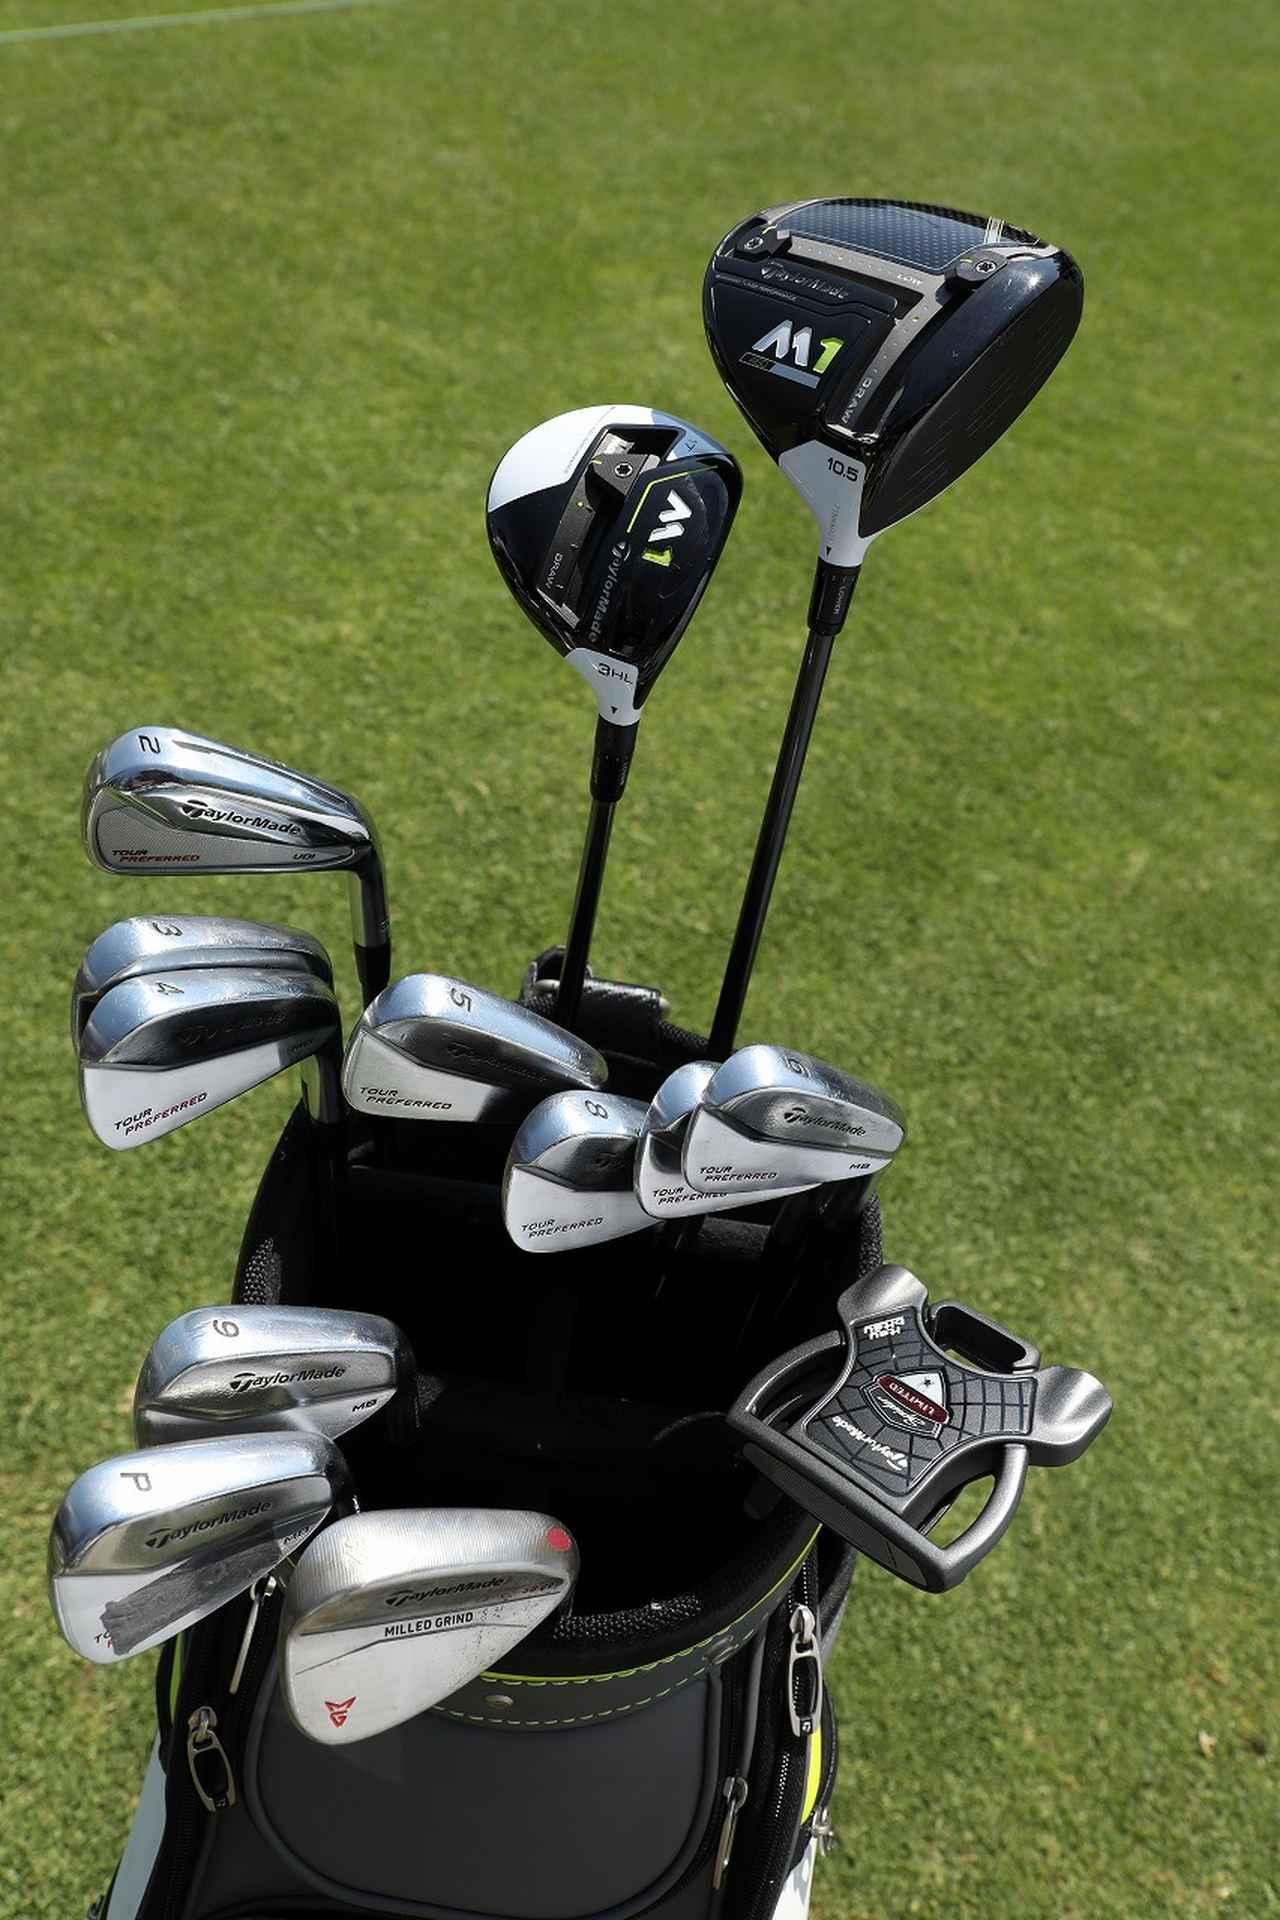 画像: 現在世界最強! ダスティン・ジョンソンの14本【マスターたちの勝負ギア】 - みんなのゴルフダイジェスト